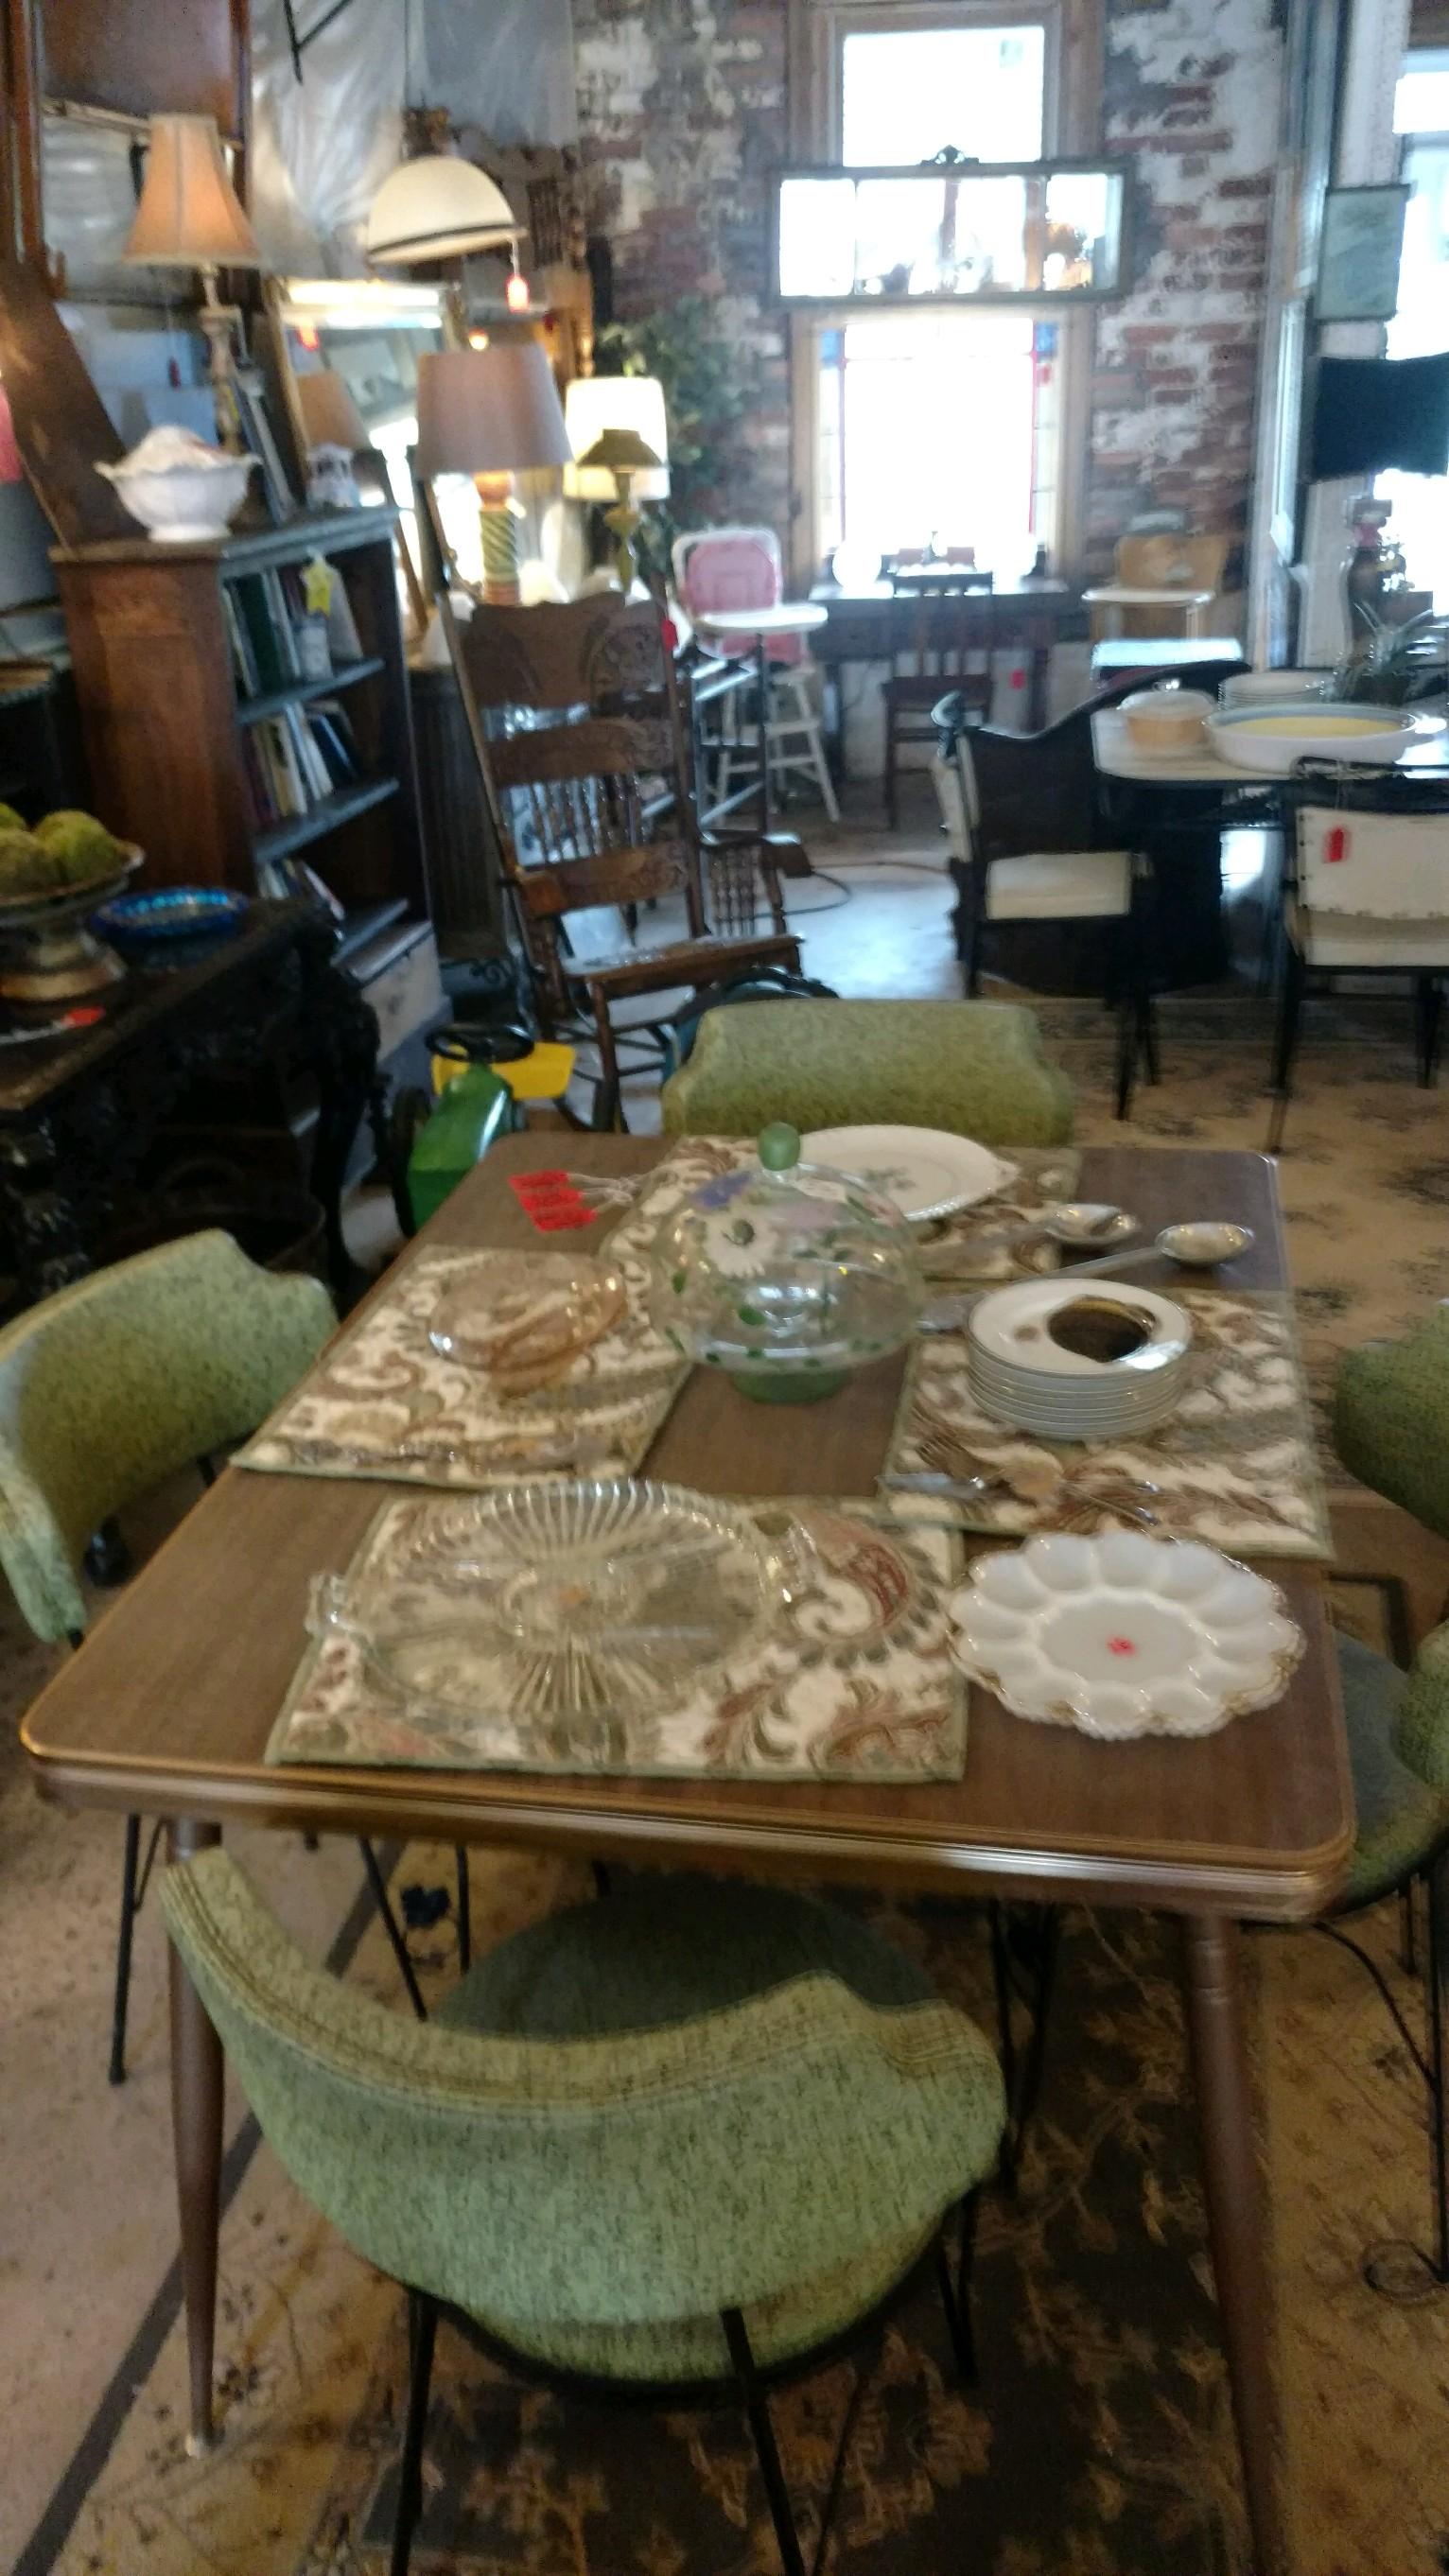 Tracks of Time Antiques - Bishop, GA (10